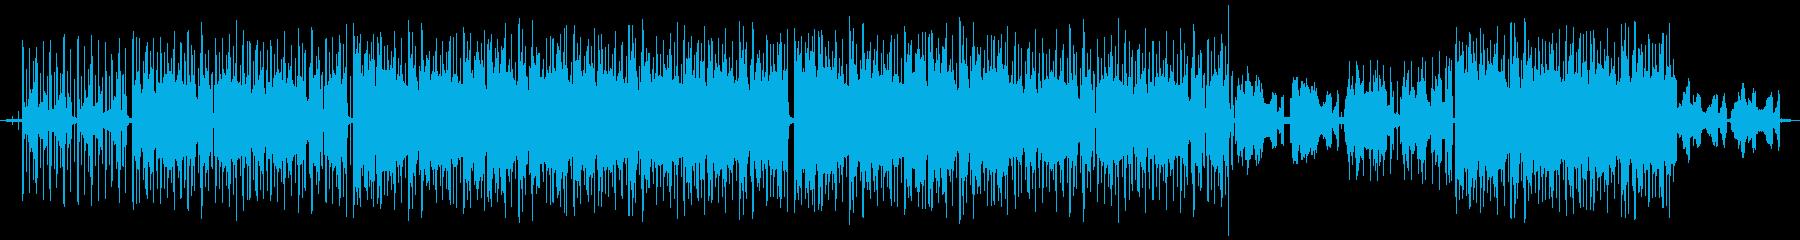 Lo-Fiビート チル 深夜 勉強の再生済みの波形